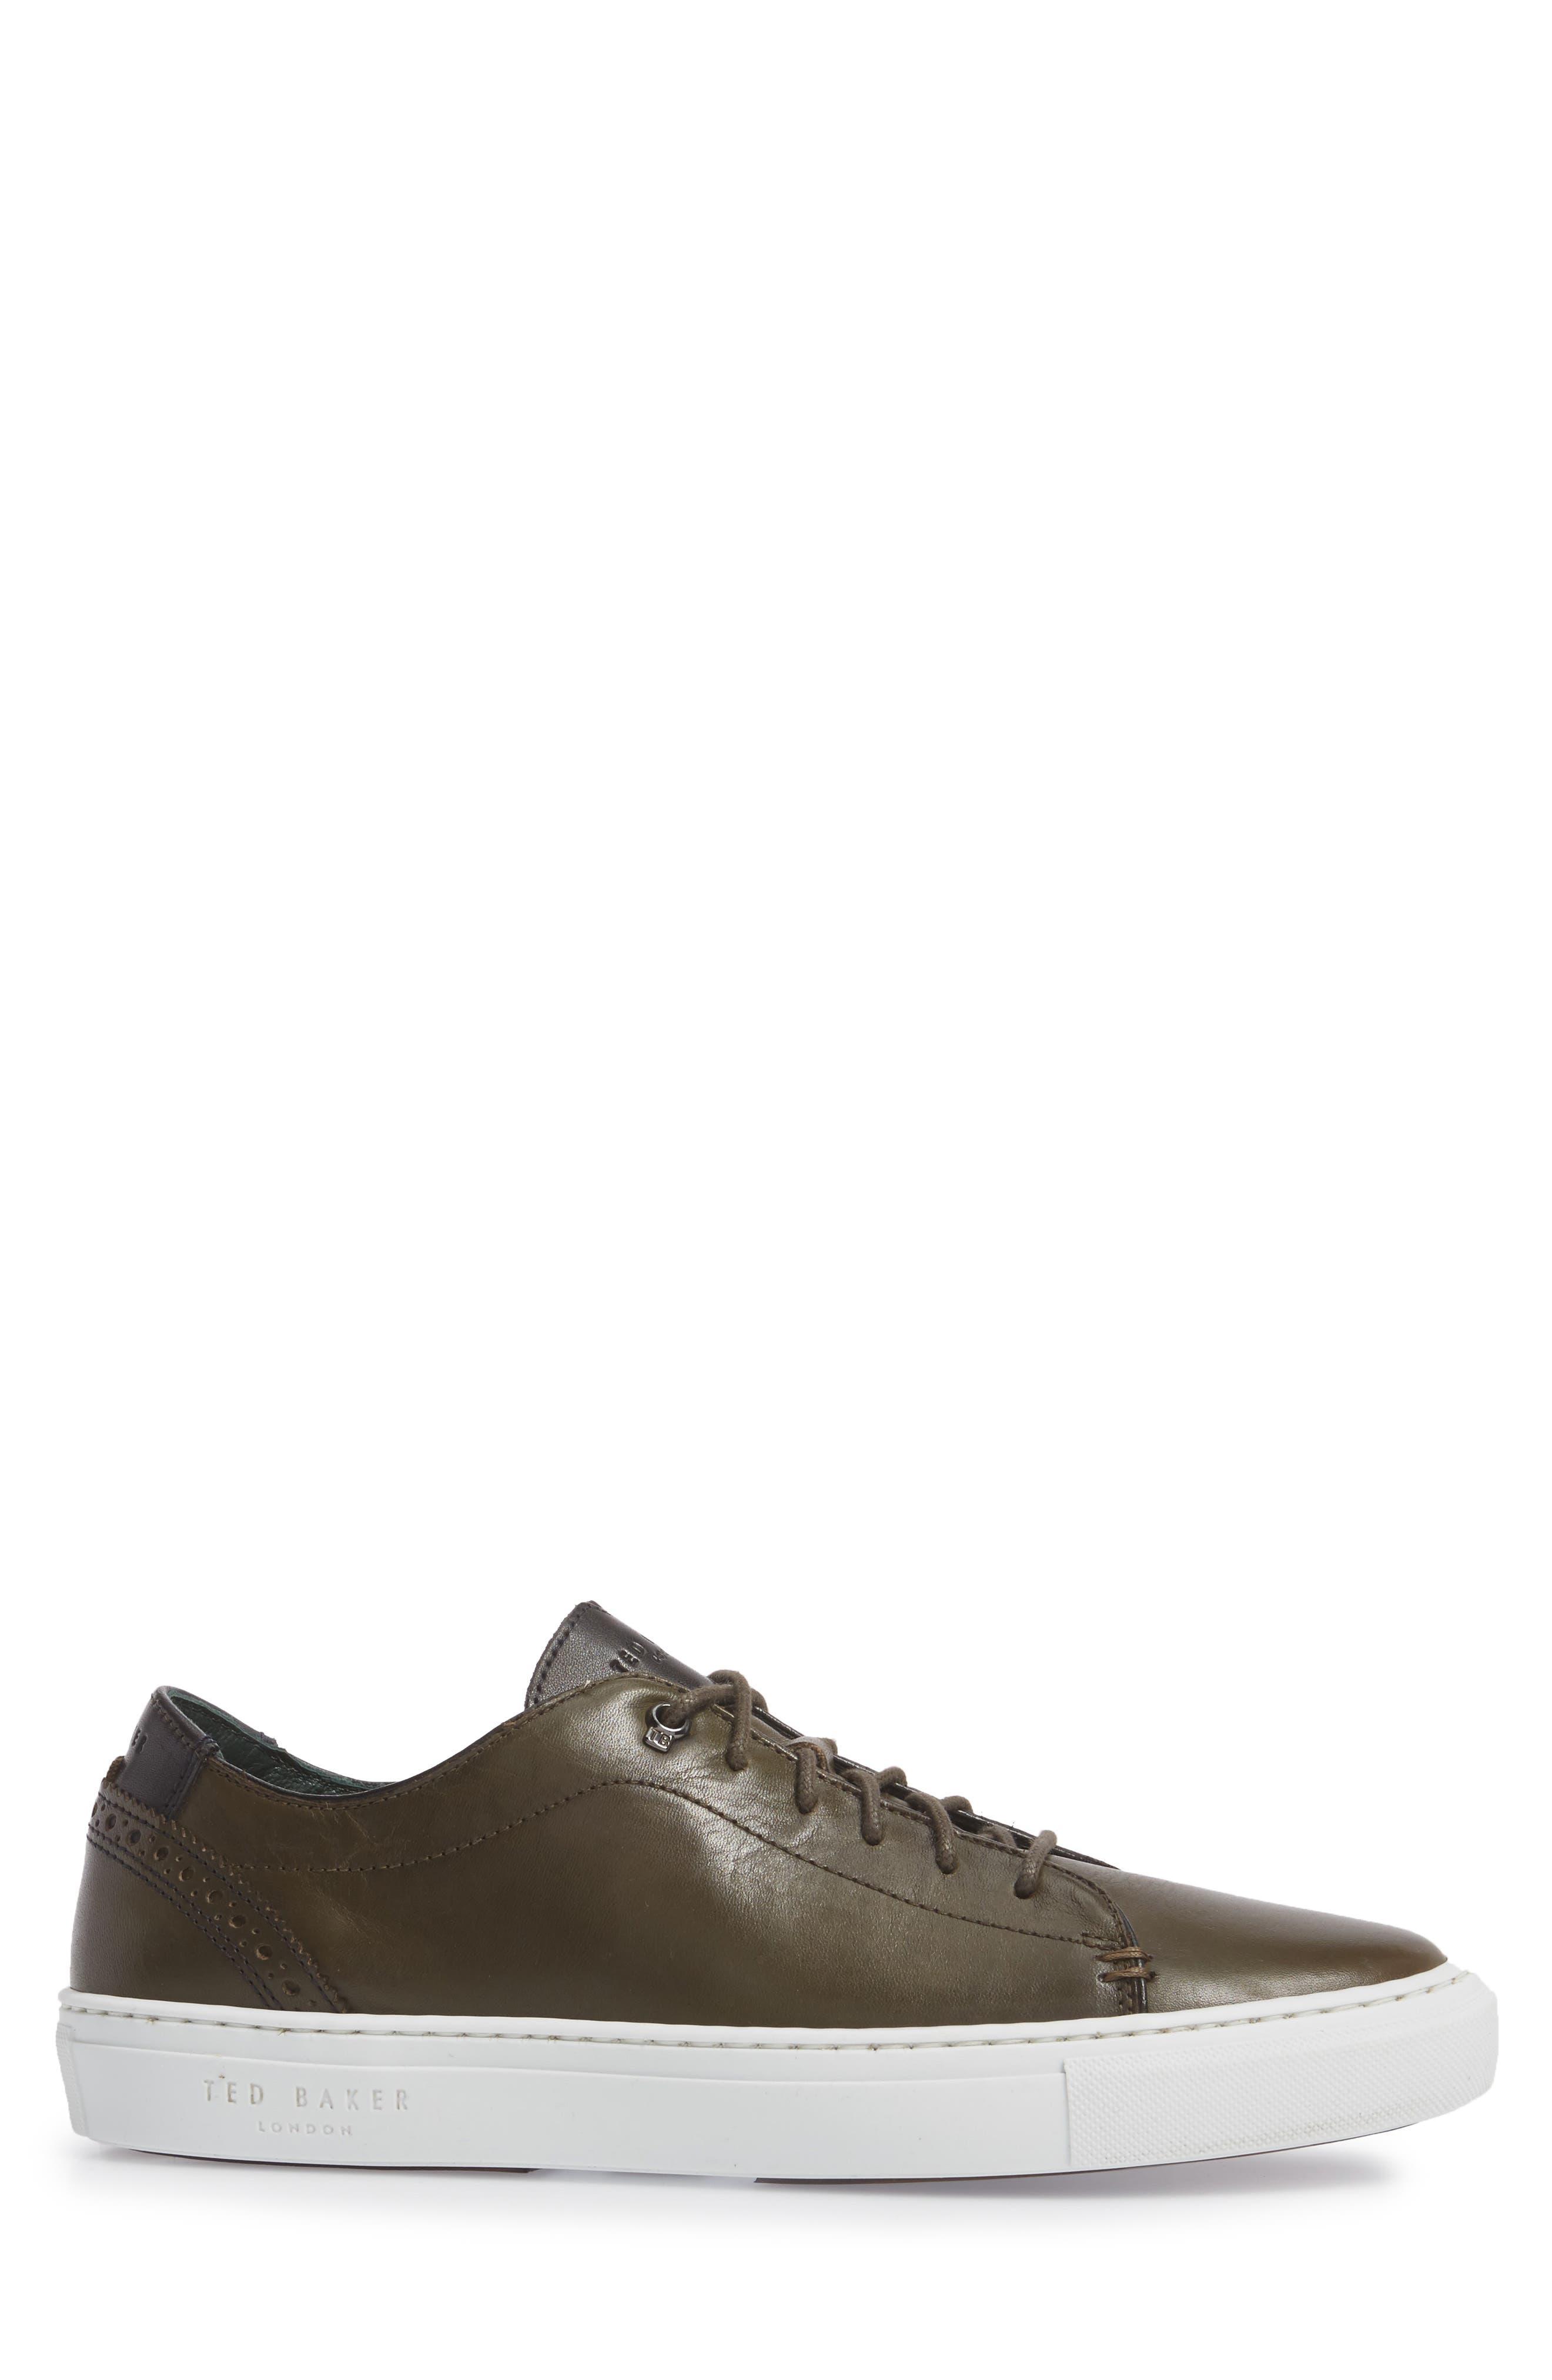 Duuke Sneaker,                             Alternate thumbnail 3, color,                             305